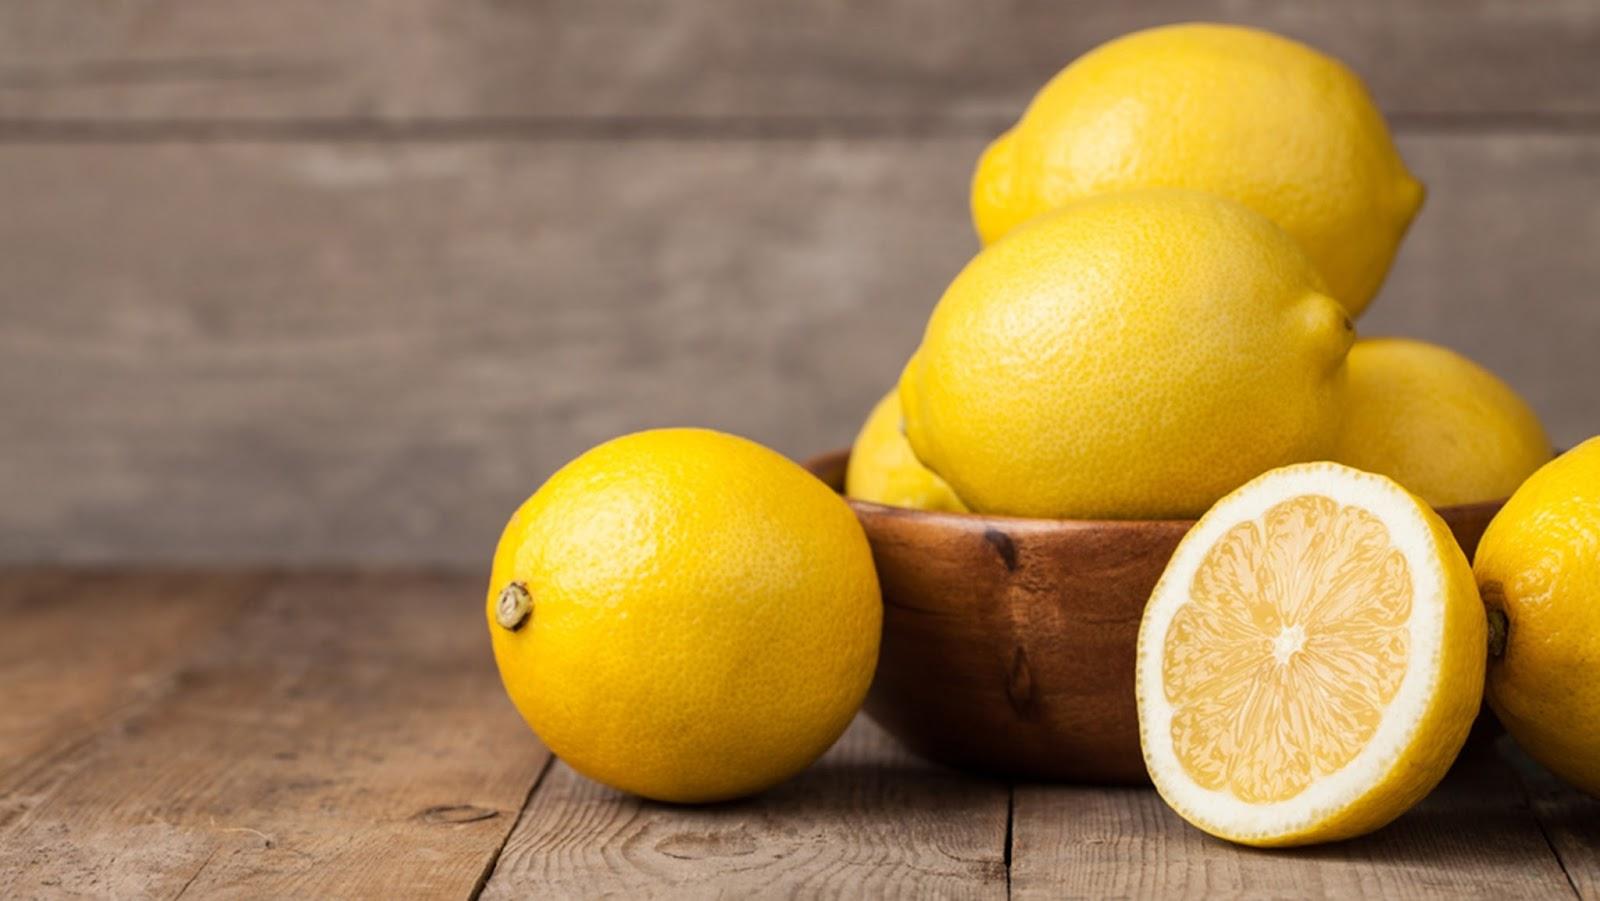 Limon - Karıncalardan Kurtulmanın Yolları